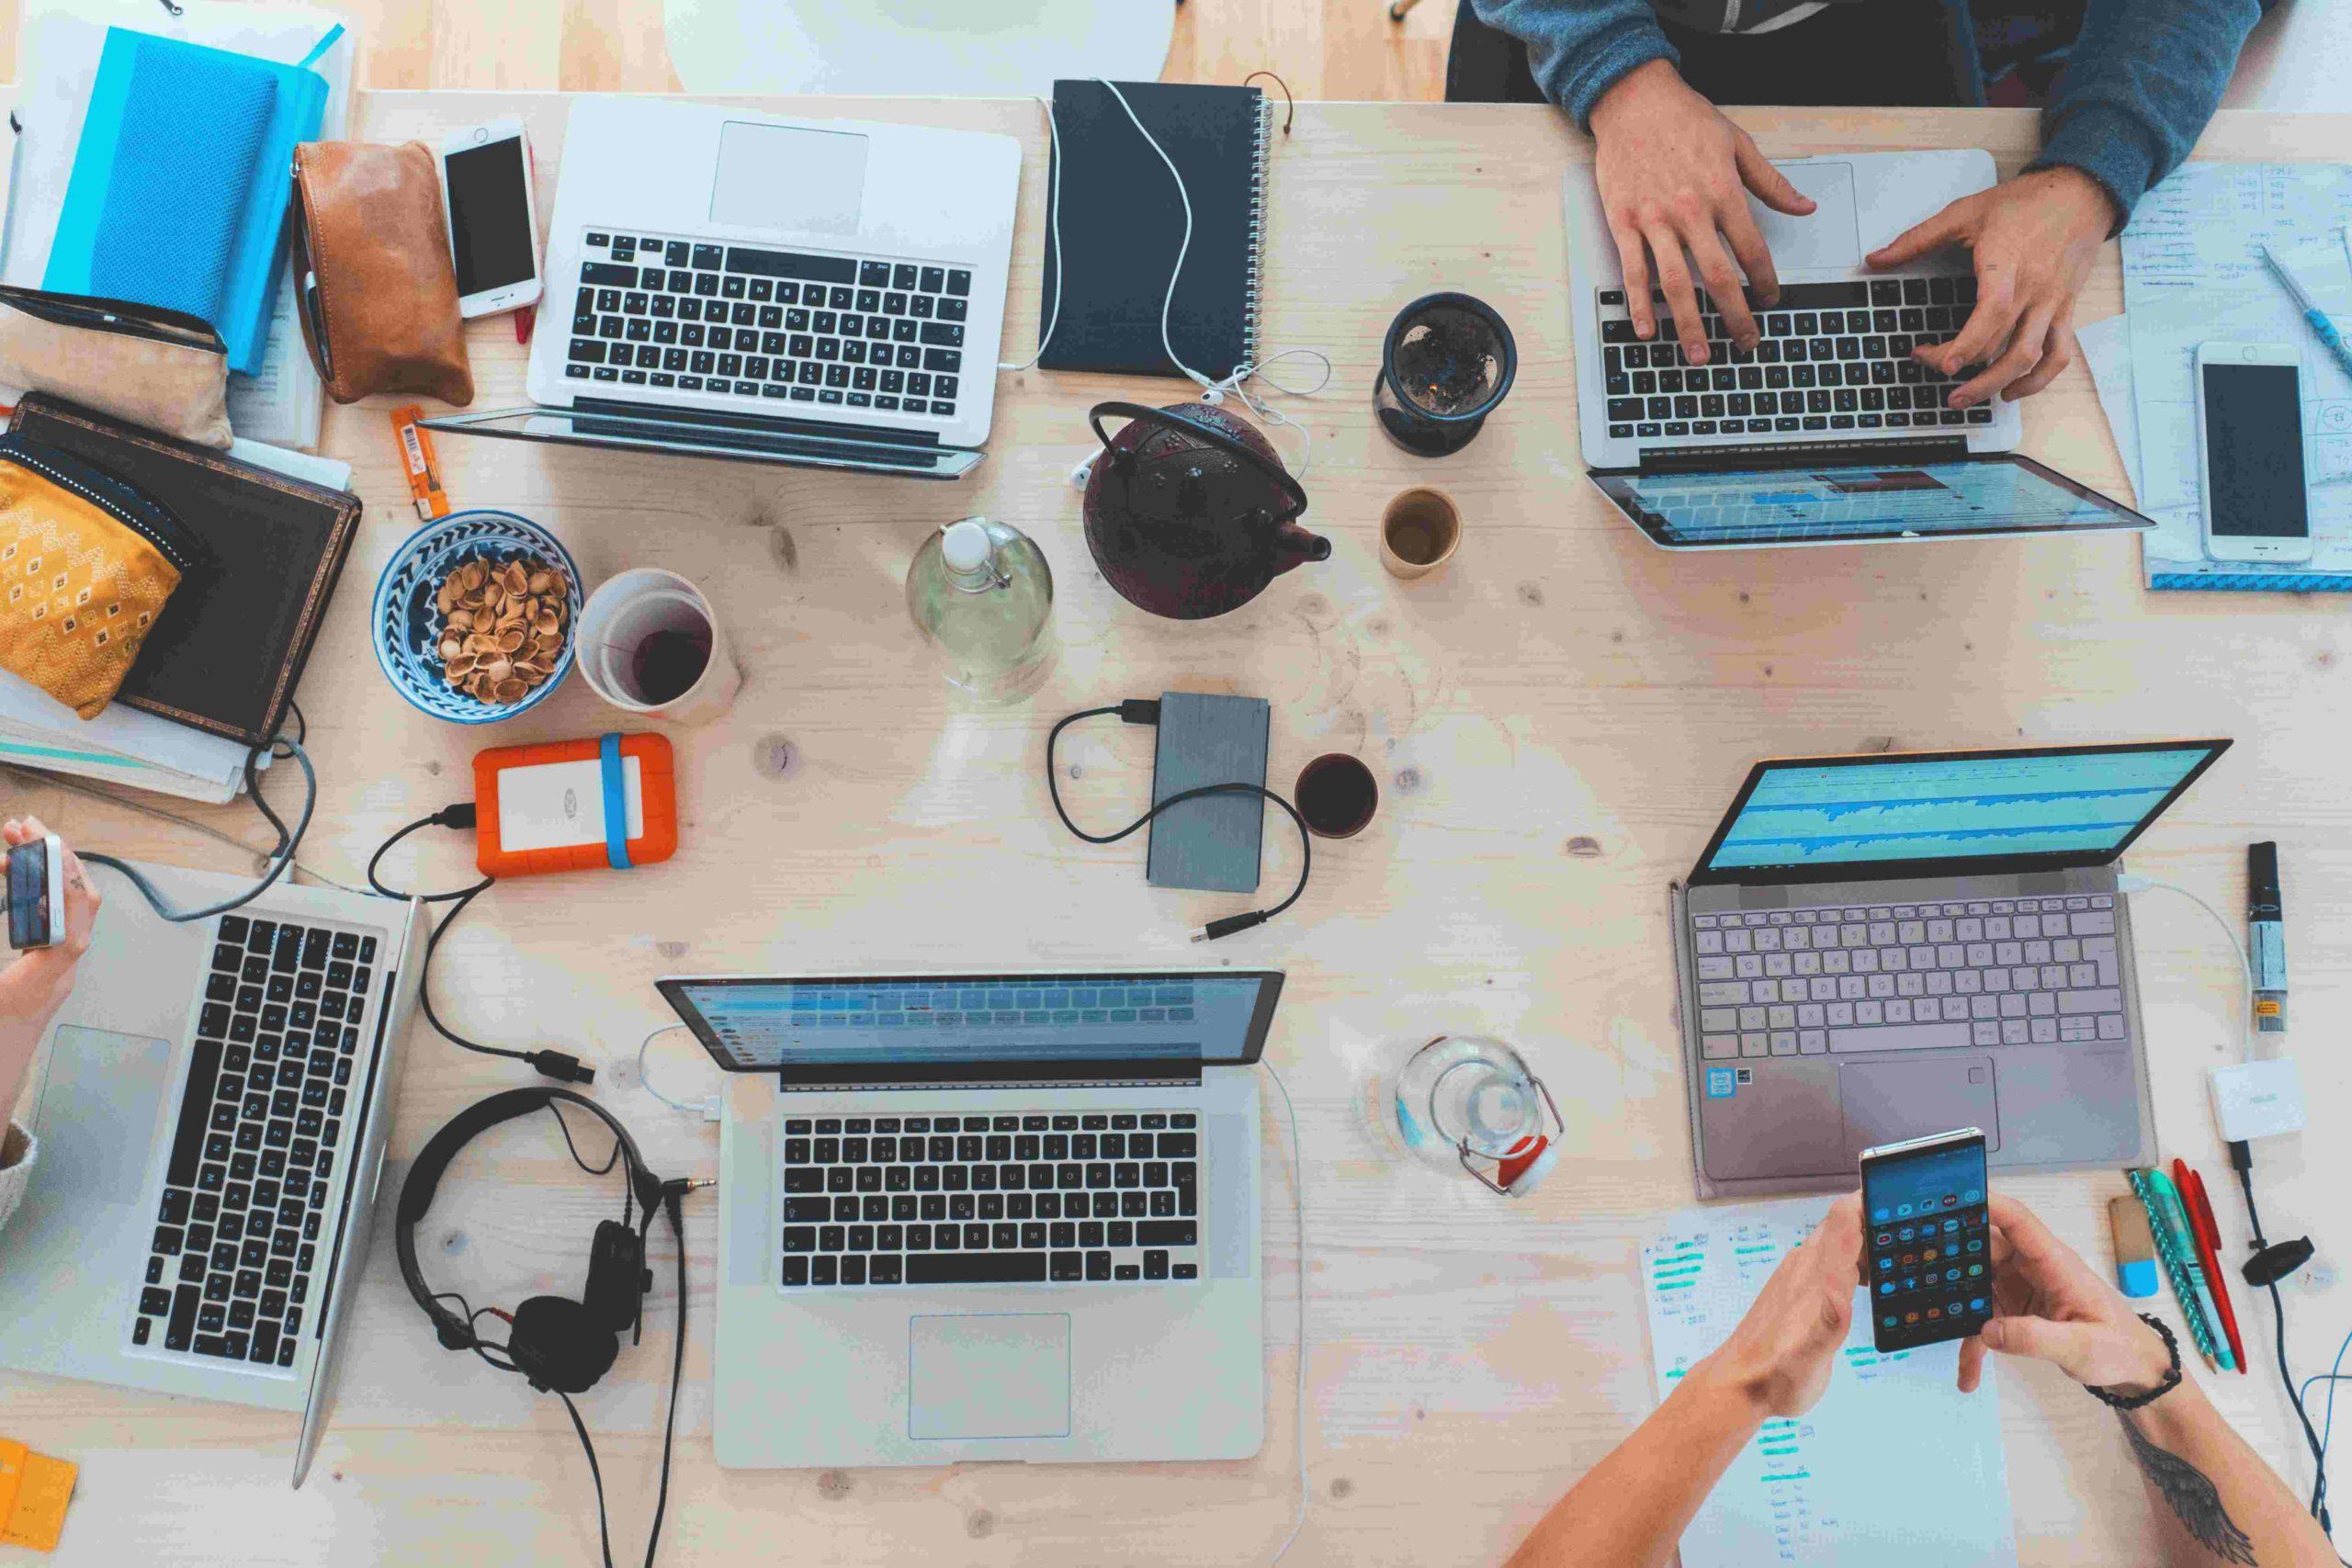 Fotografi av et bord med mange datamaskiner og folk som jobber